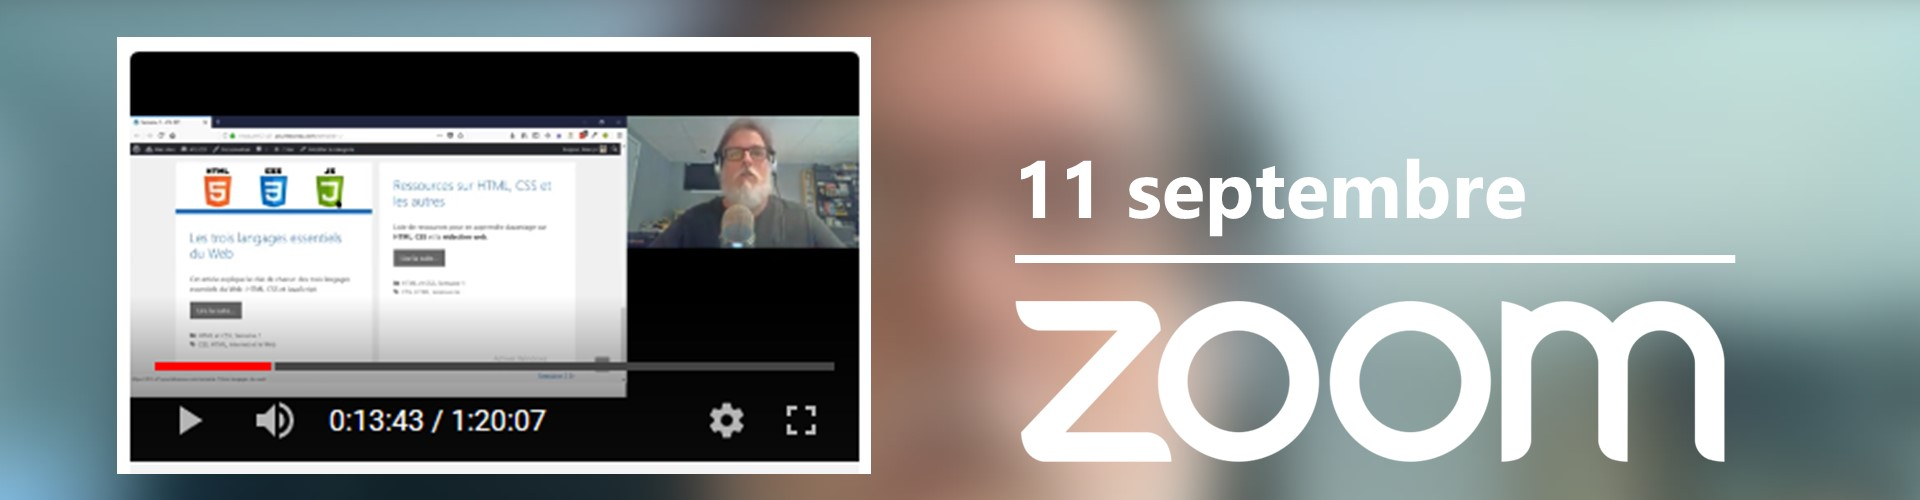 Rencontre du 11 septembre sur Zoom